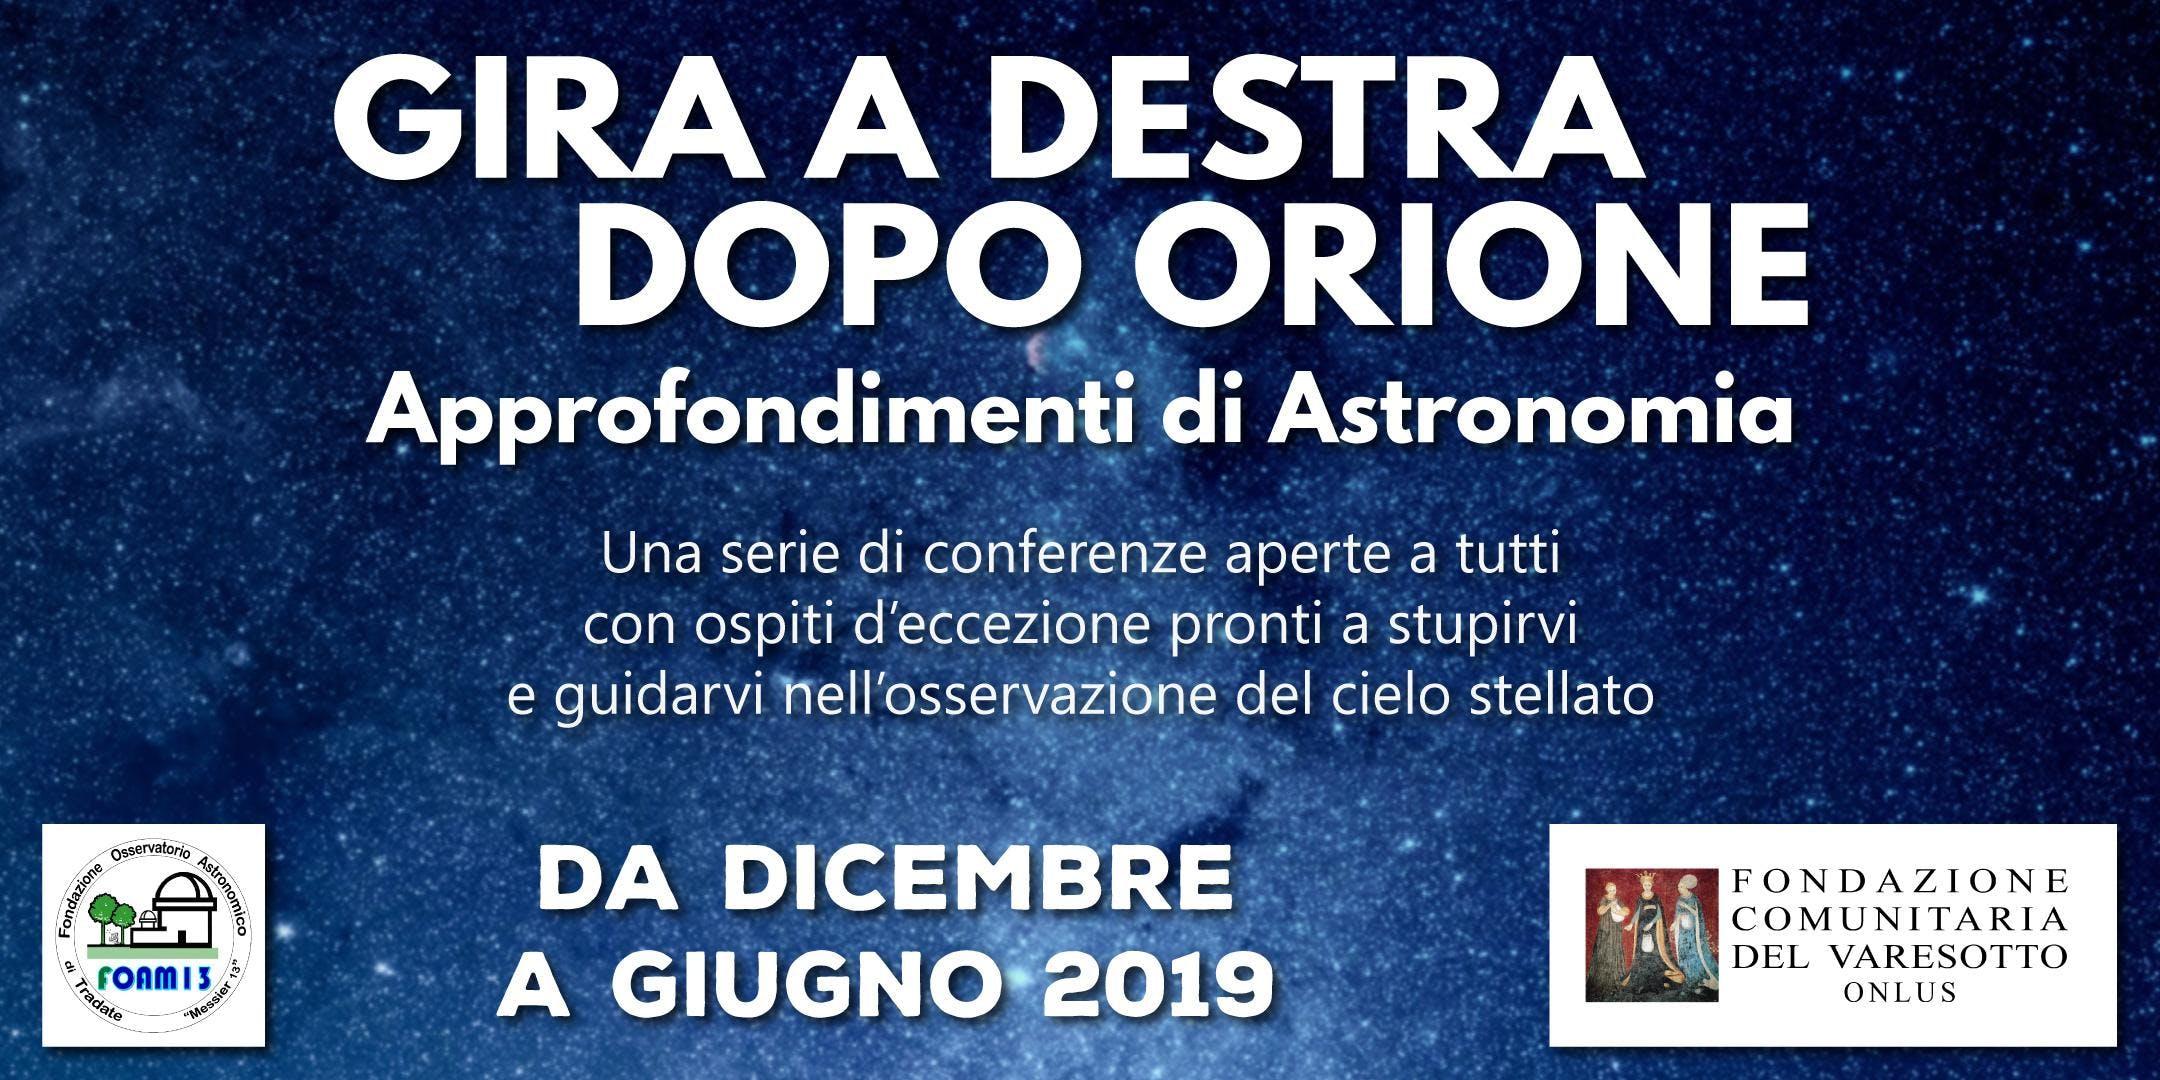 LA COMETA DI NATALE - Gira a Destra dopo Orione - 2a conferenza